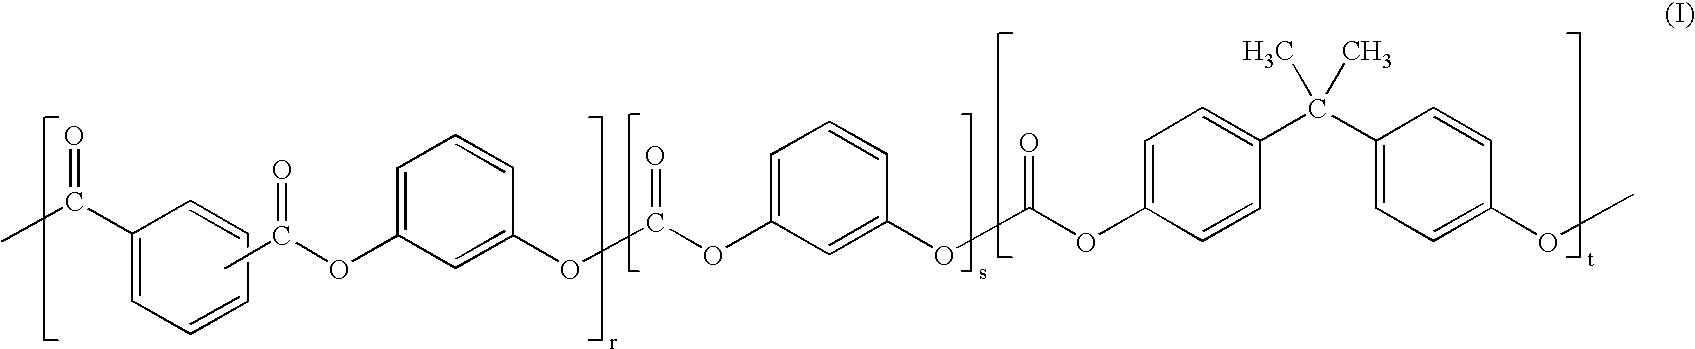 Figure US07323536-20080129-C00036